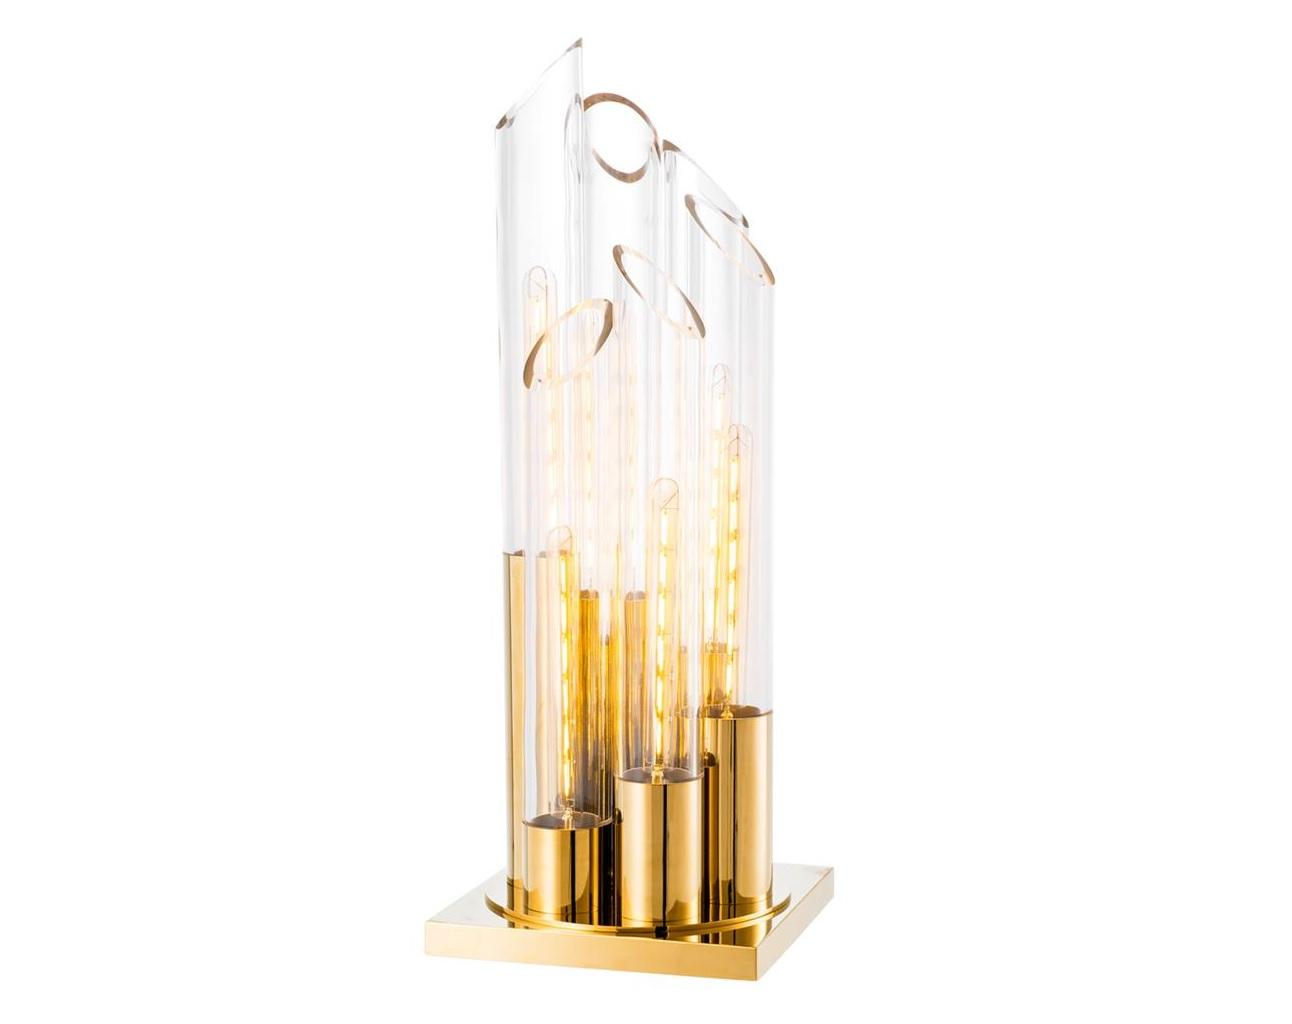 Настольная лампа Table Lamp ParadisoДекоративные лампы<br>&amp;lt;div&amp;gt;Вид цоколя: E27&amp;lt;br&amp;gt;&amp;lt;/div&amp;gt;&amp;lt;div&amp;gt;&amp;lt;div&amp;gt;Мощность: 40W&amp;lt;/div&amp;gt;&amp;lt;div&amp;gt;Количество ламп: 6 (нет в комплекте)&amp;lt;/div&amp;gt;&amp;lt;/div&amp;gt;<br><br>Material: Металл<br>Width см: 30<br>Depth см: 30<br>Height см: 80